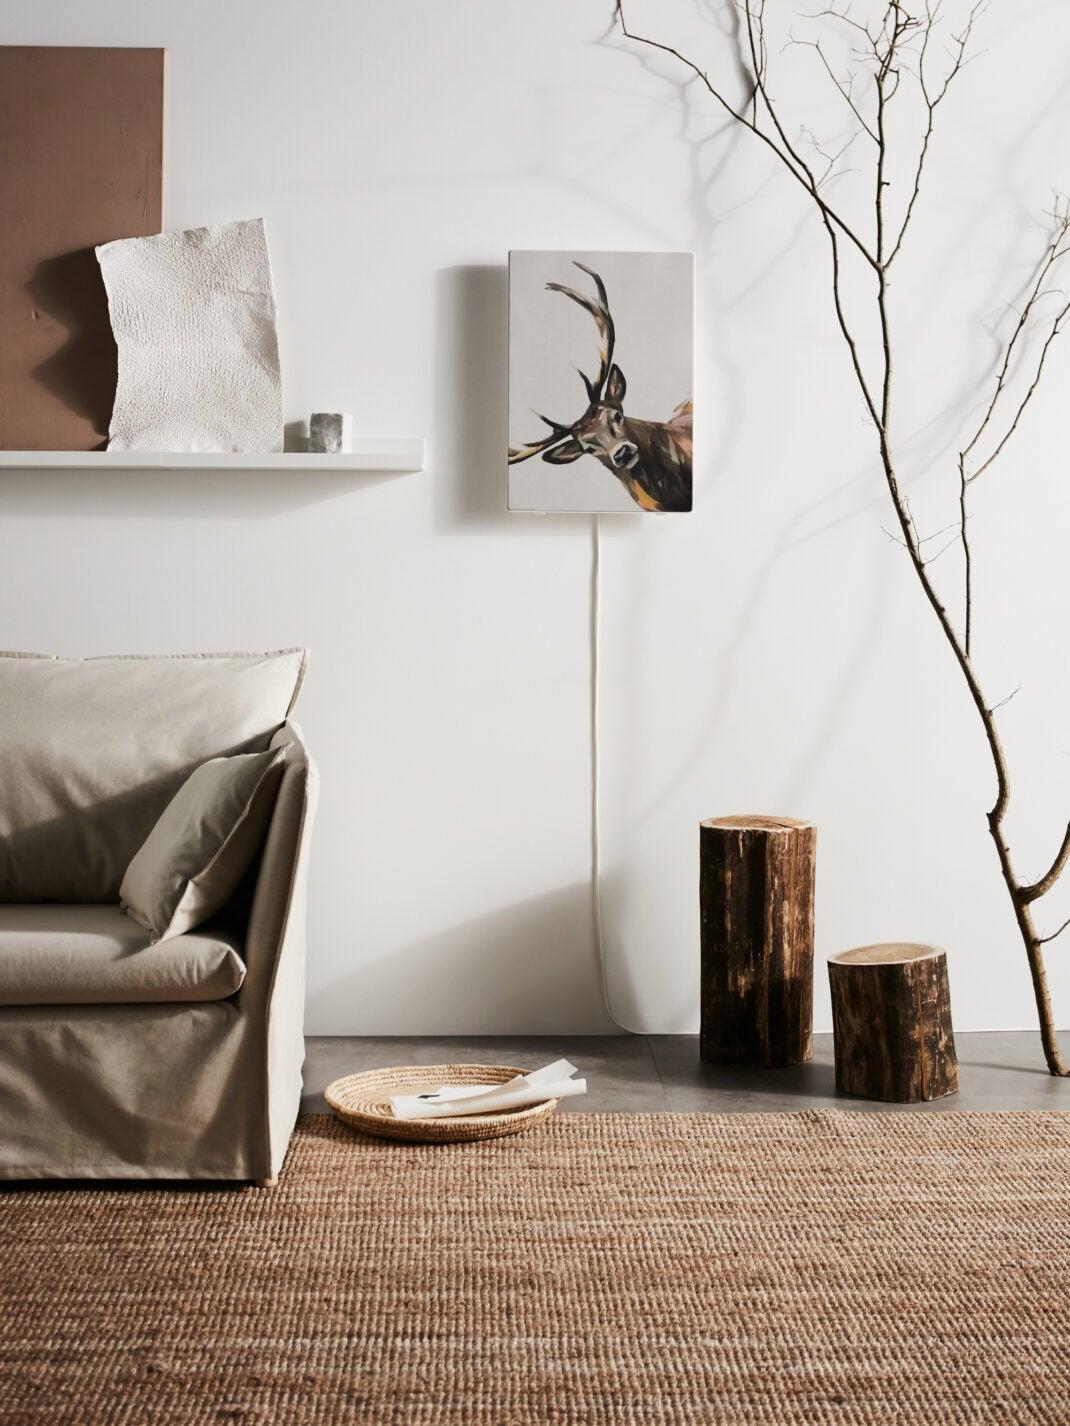 Ikea Symfonsik: WLAN-Lautsprecher von Sonos